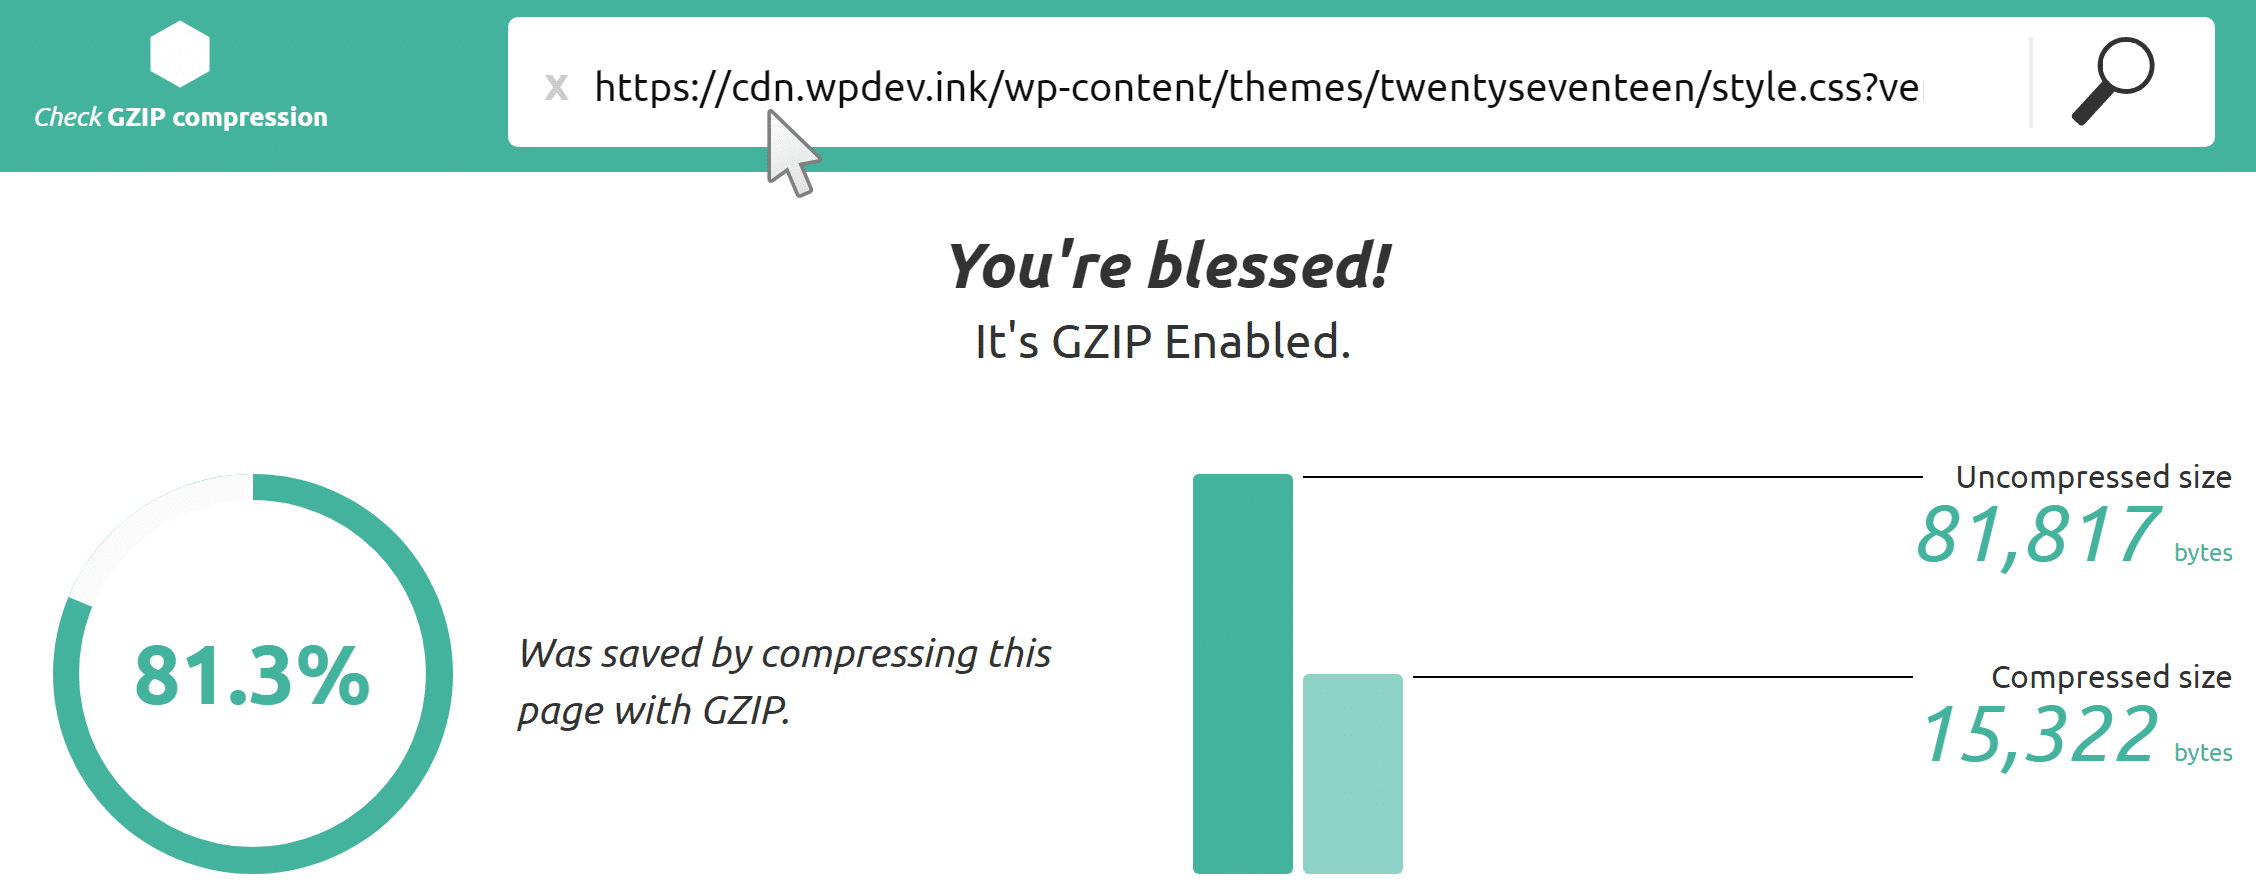 Check GZIP Compression Tool su CDN